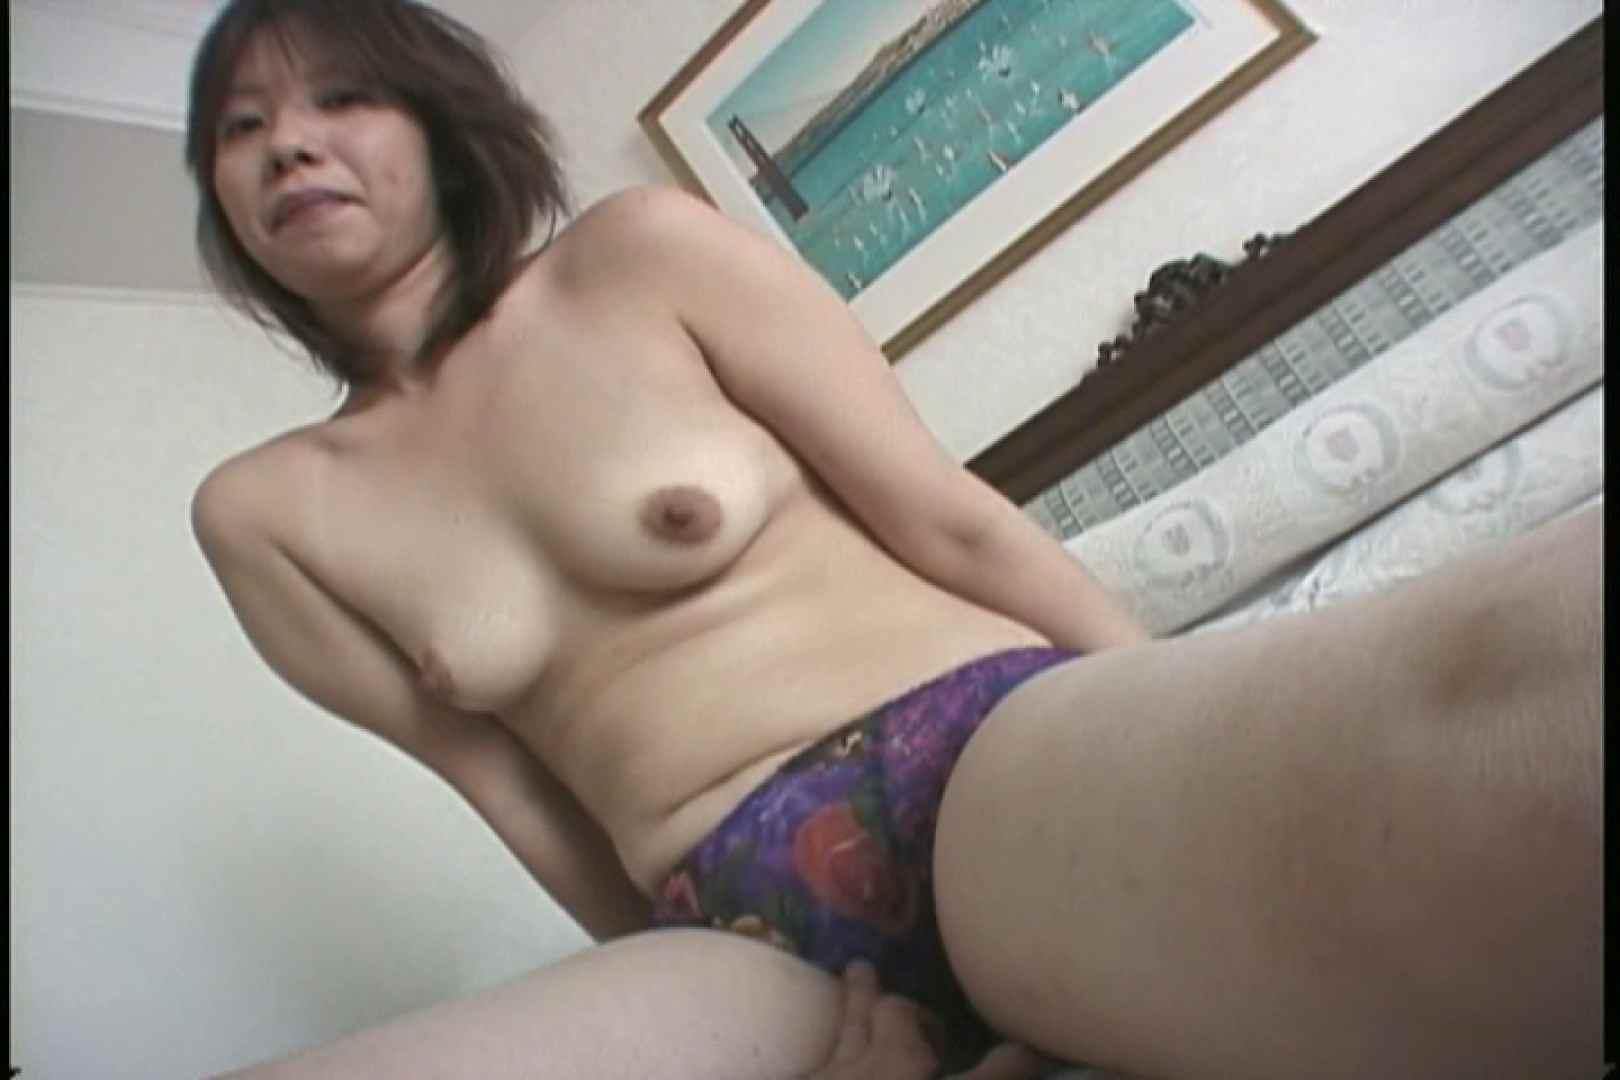 初めてのビデオ撮影に緊張する素人OLとセックス~武田じゅん~ オナニー覗き見 | 熟女のエッチ  81pic 56